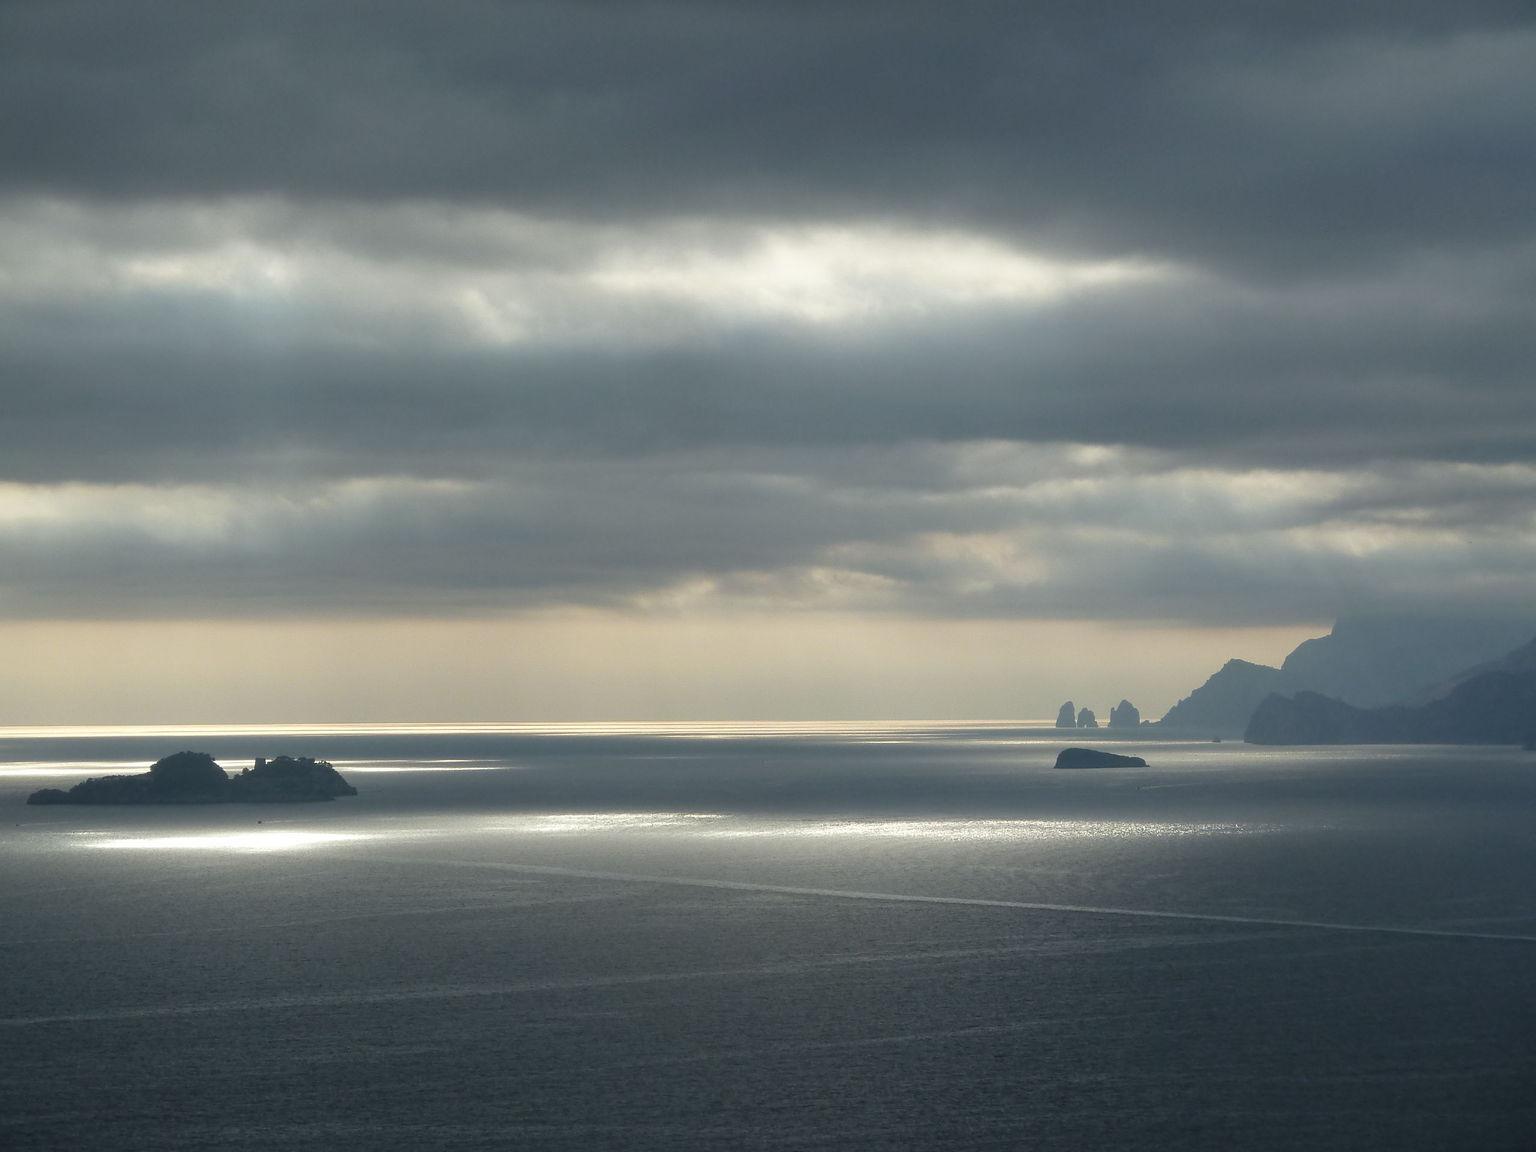 MAIS FOTOS, Excursão privada de um dia na Costa de Amalfi saindo de Sorrento